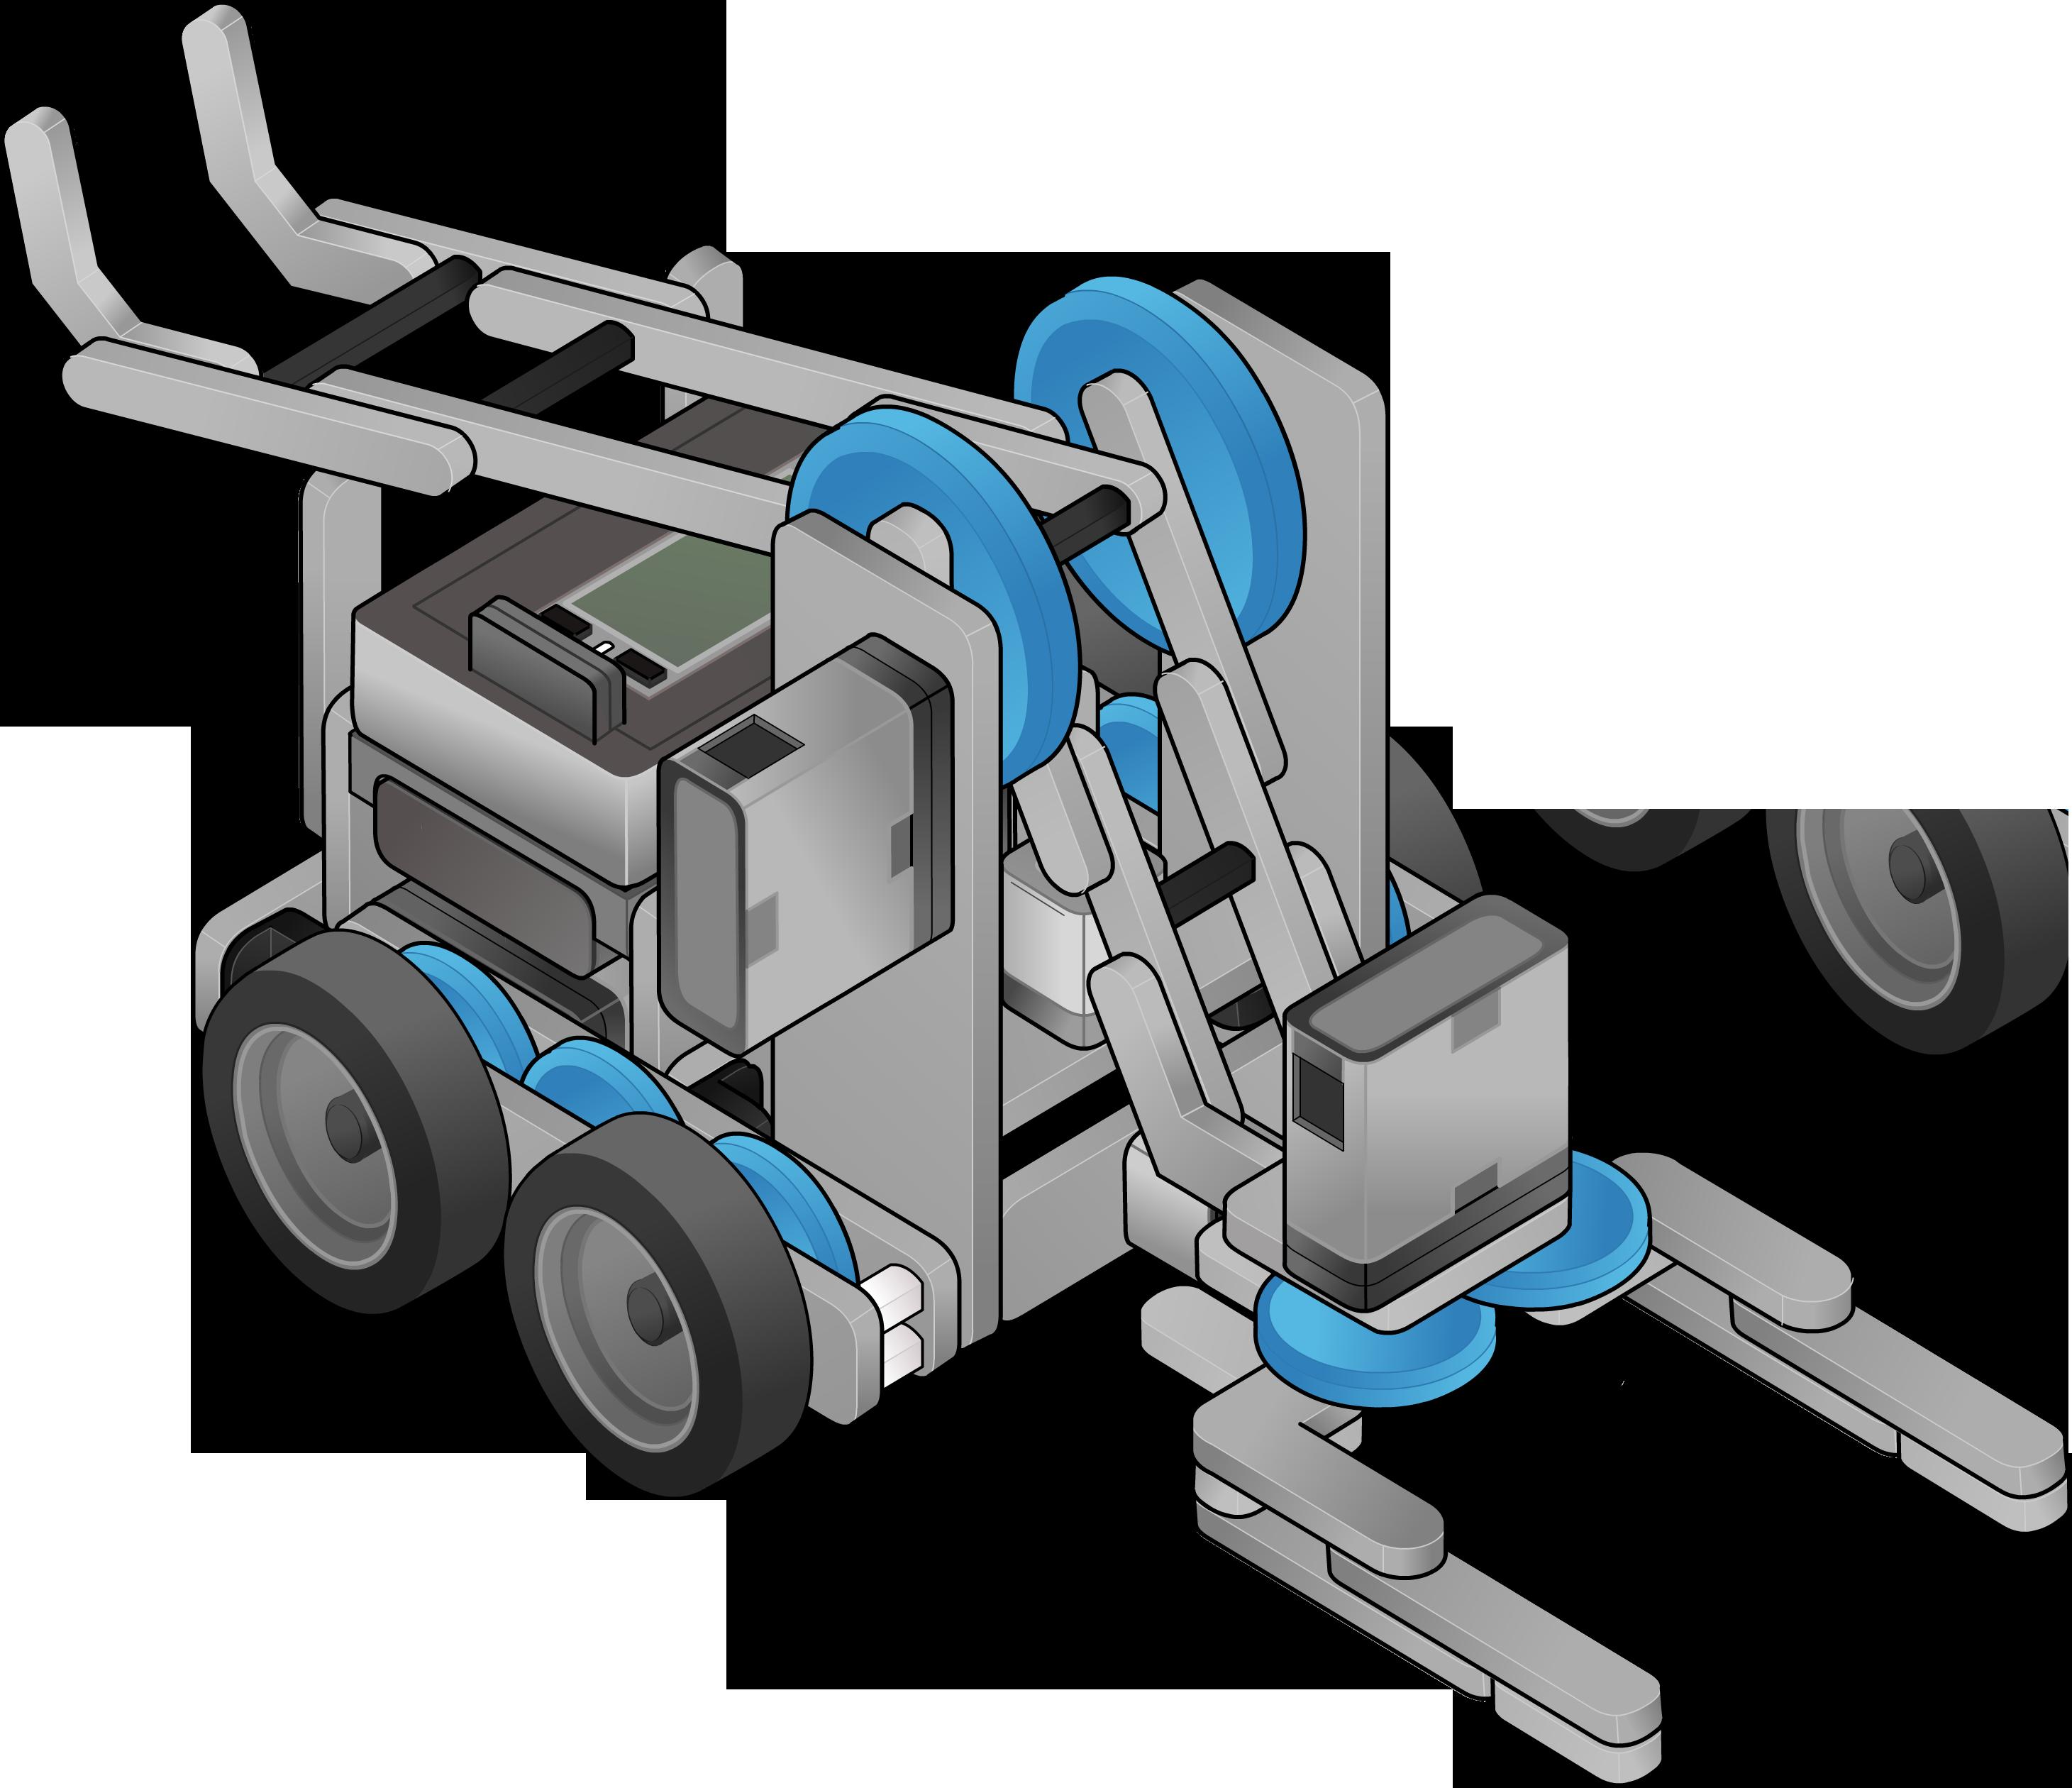 Robot-vexiq